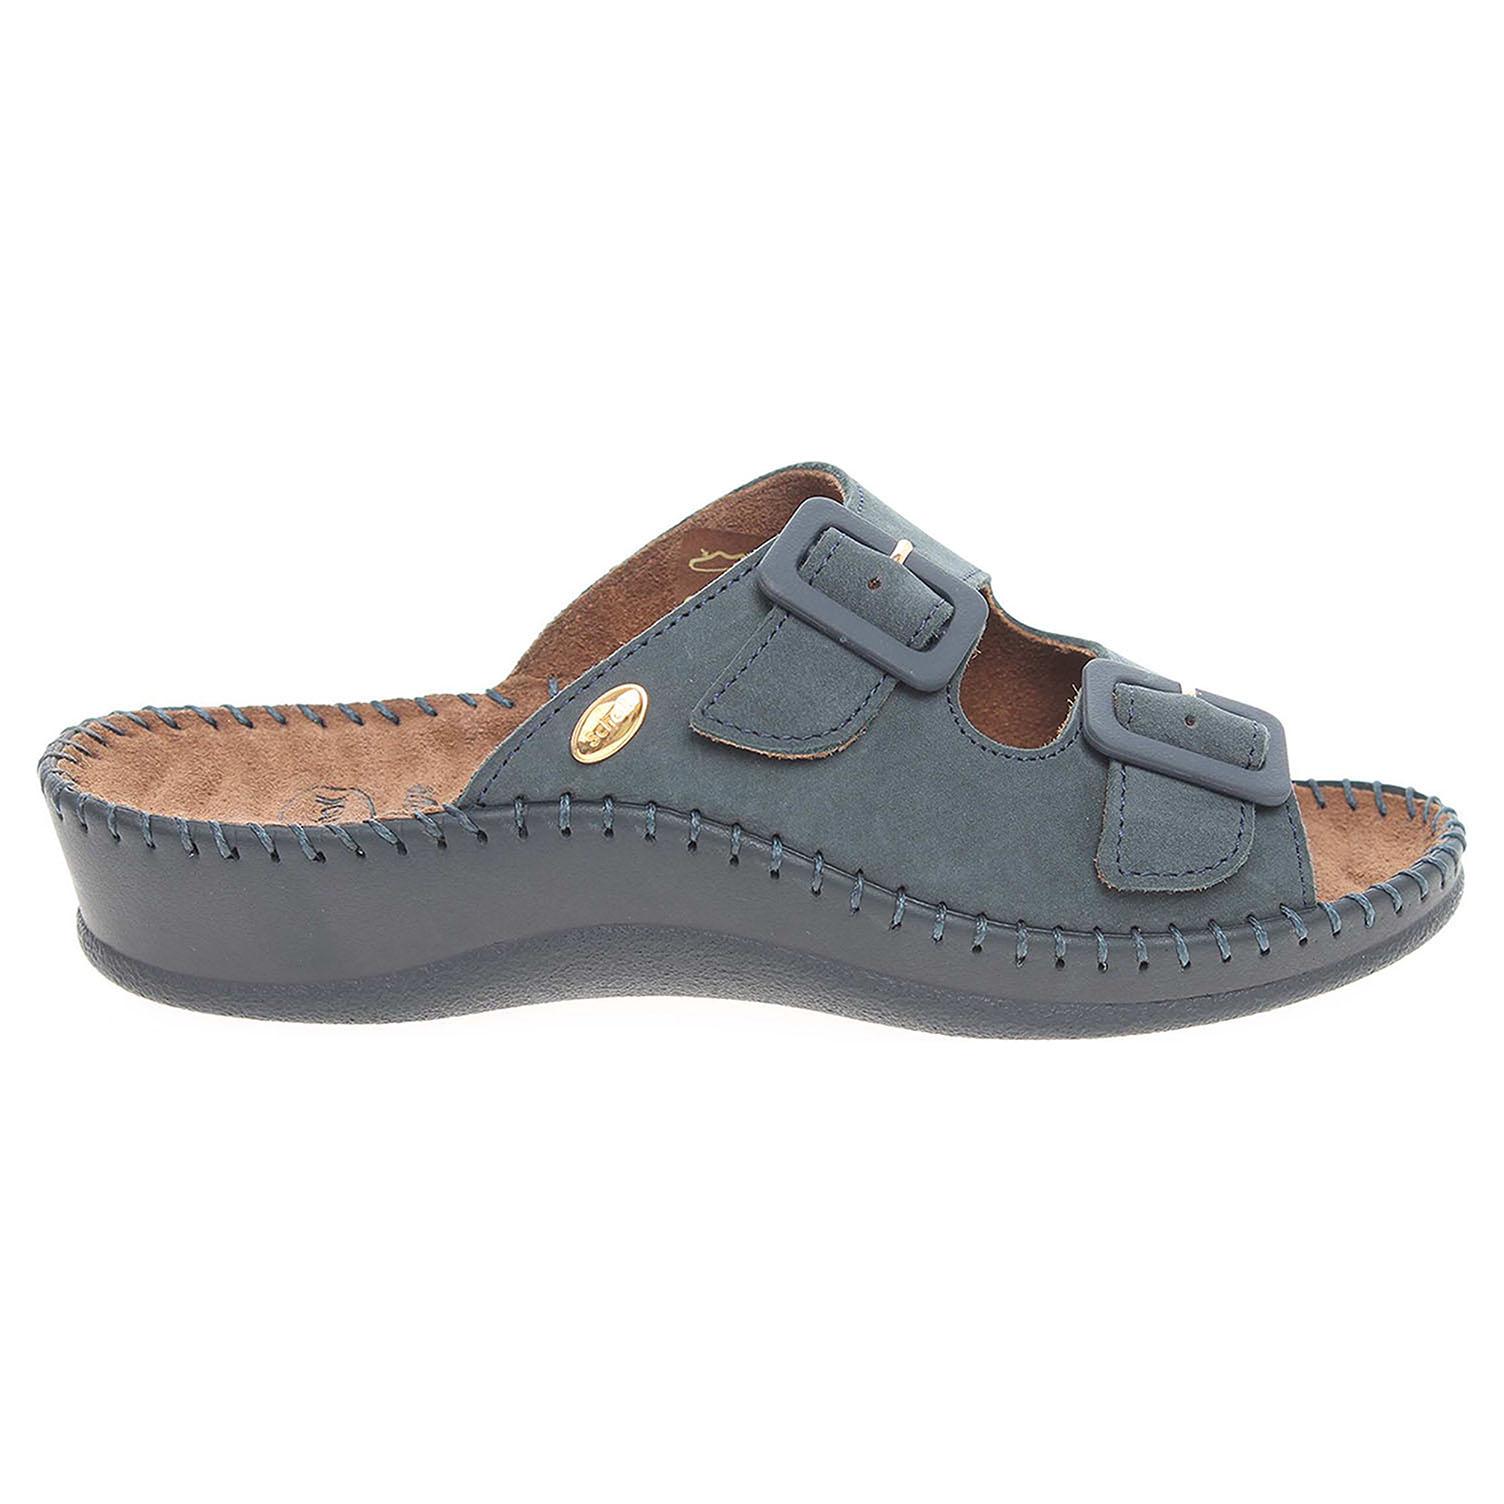 Ecco Scholl dámské pantofle F20068 1040 Weekend modré 23400332